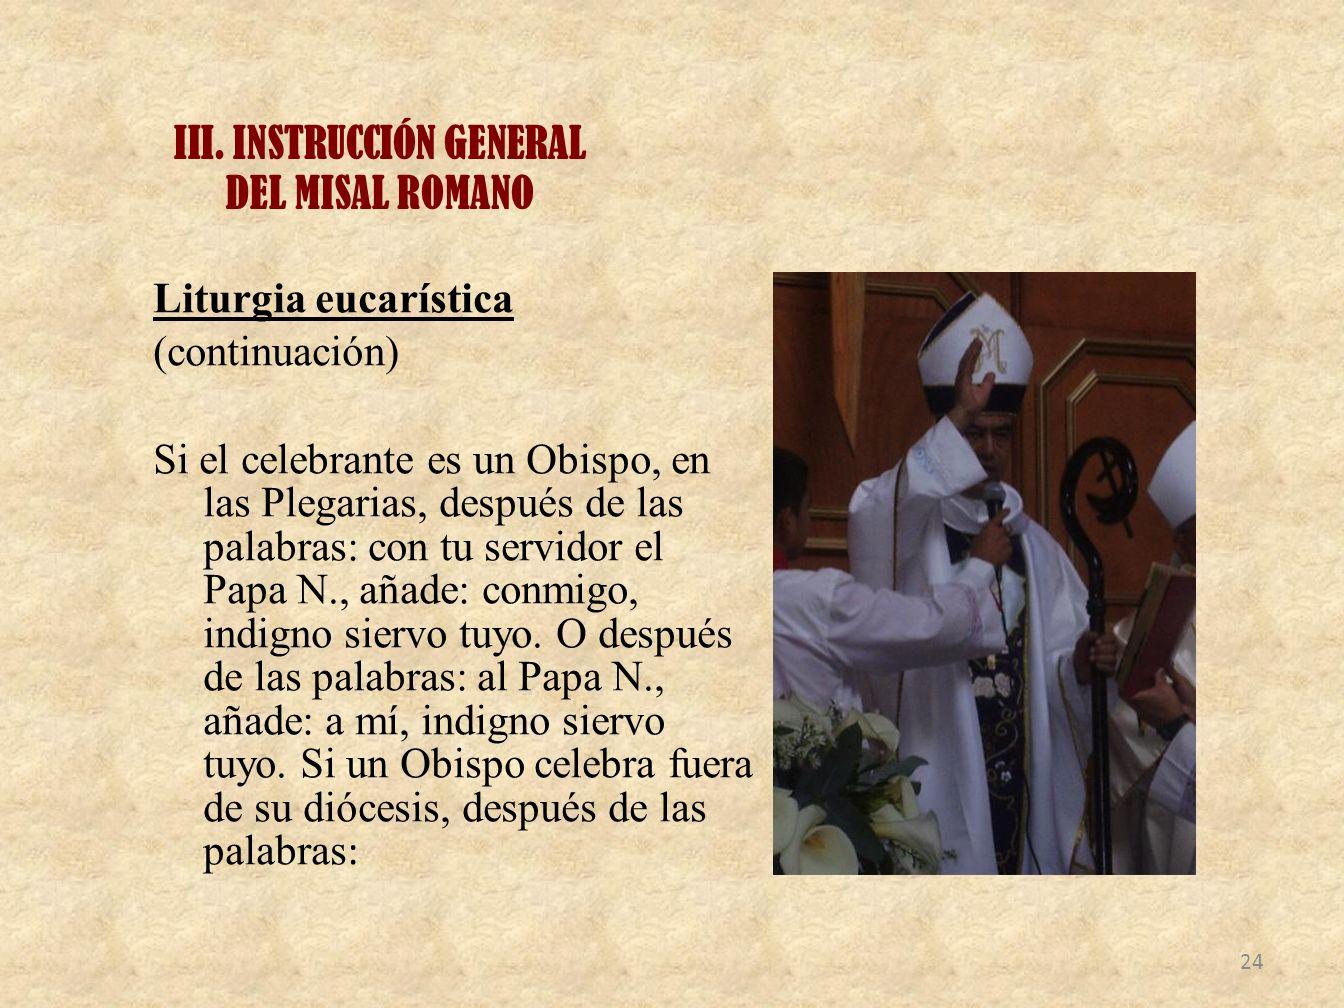 III. INSTRUCCIÓN GENERAL DEL MISAL ROMANO Liturgia eucarística (continuación) Si el celebrante es un Obispo, en las Plegarias, después de las palabras